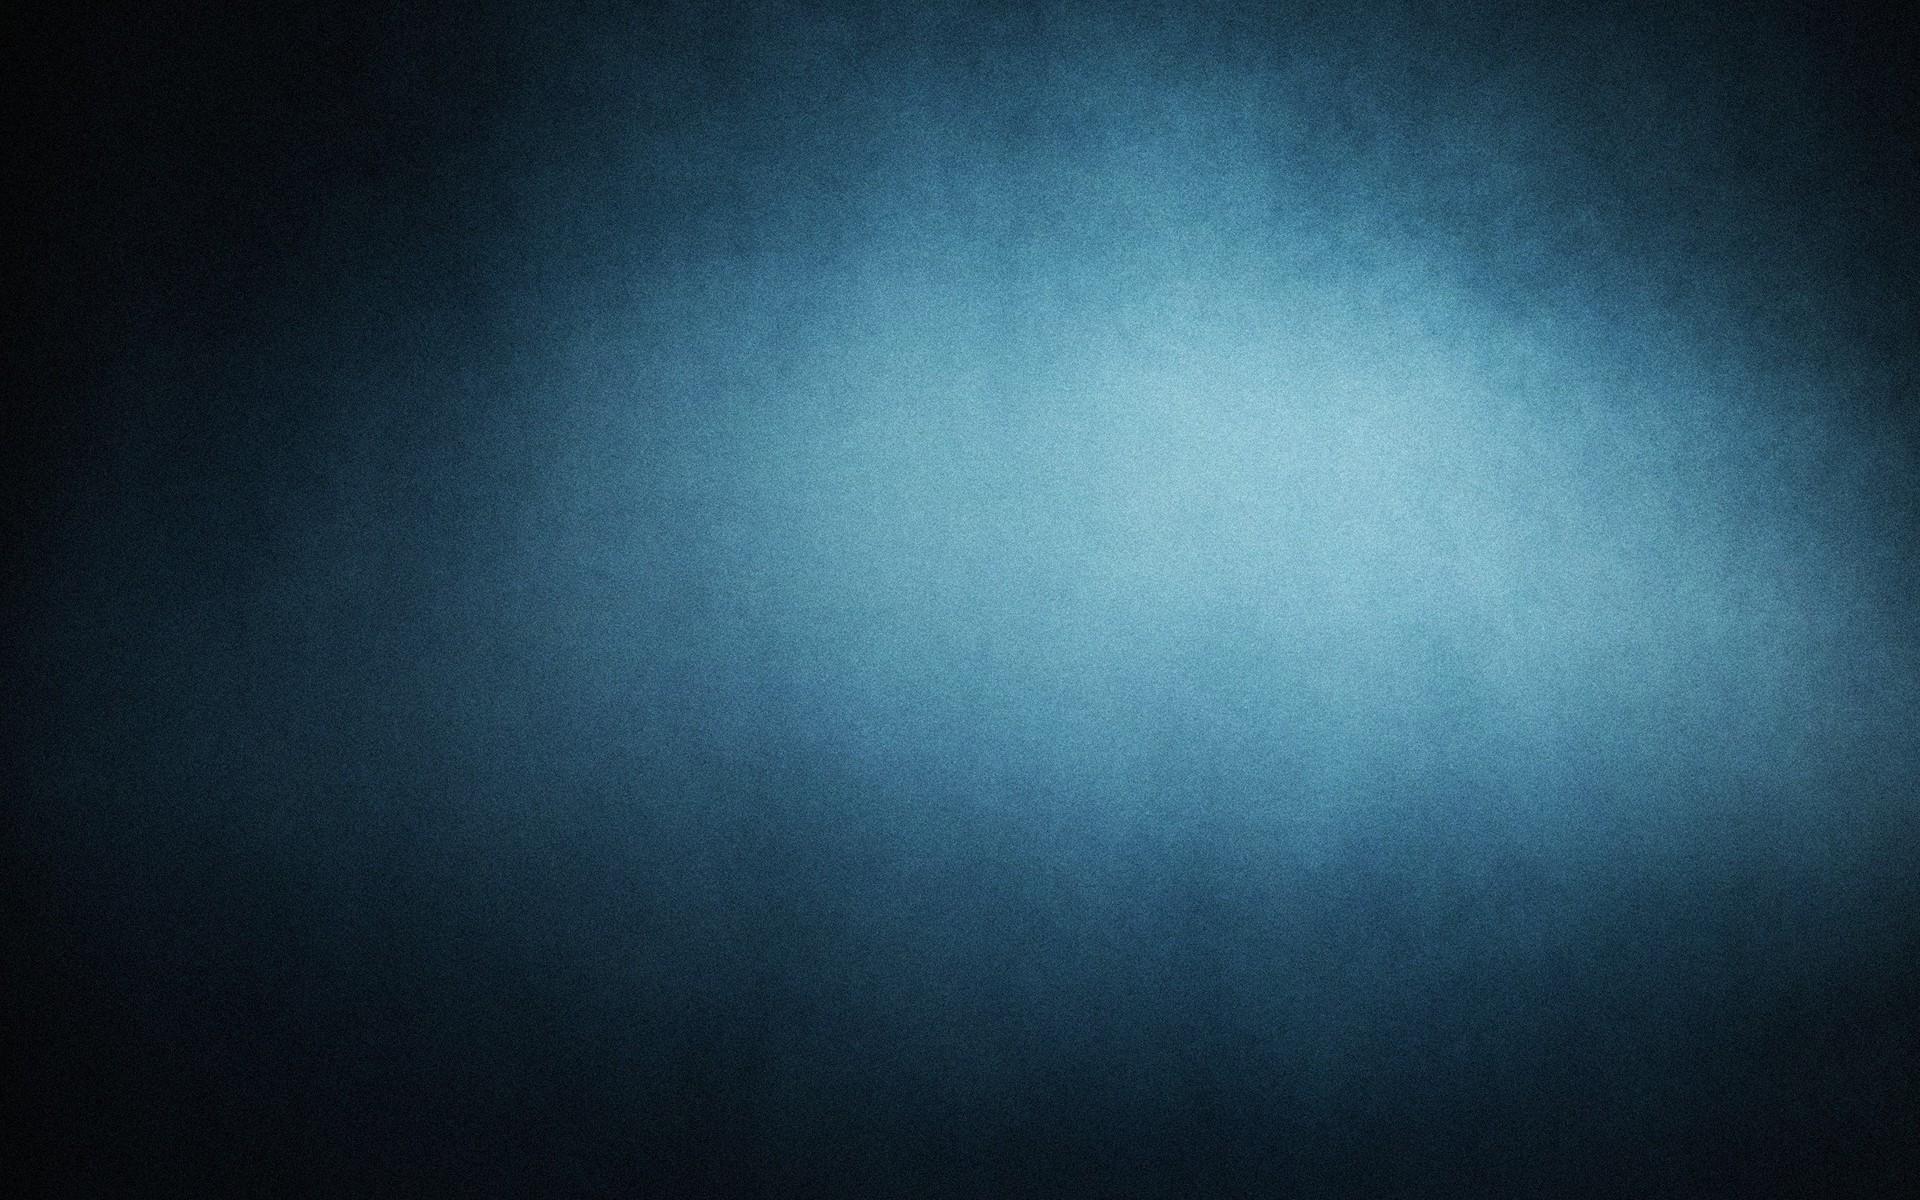 Blue Texture Wallpaper 41250